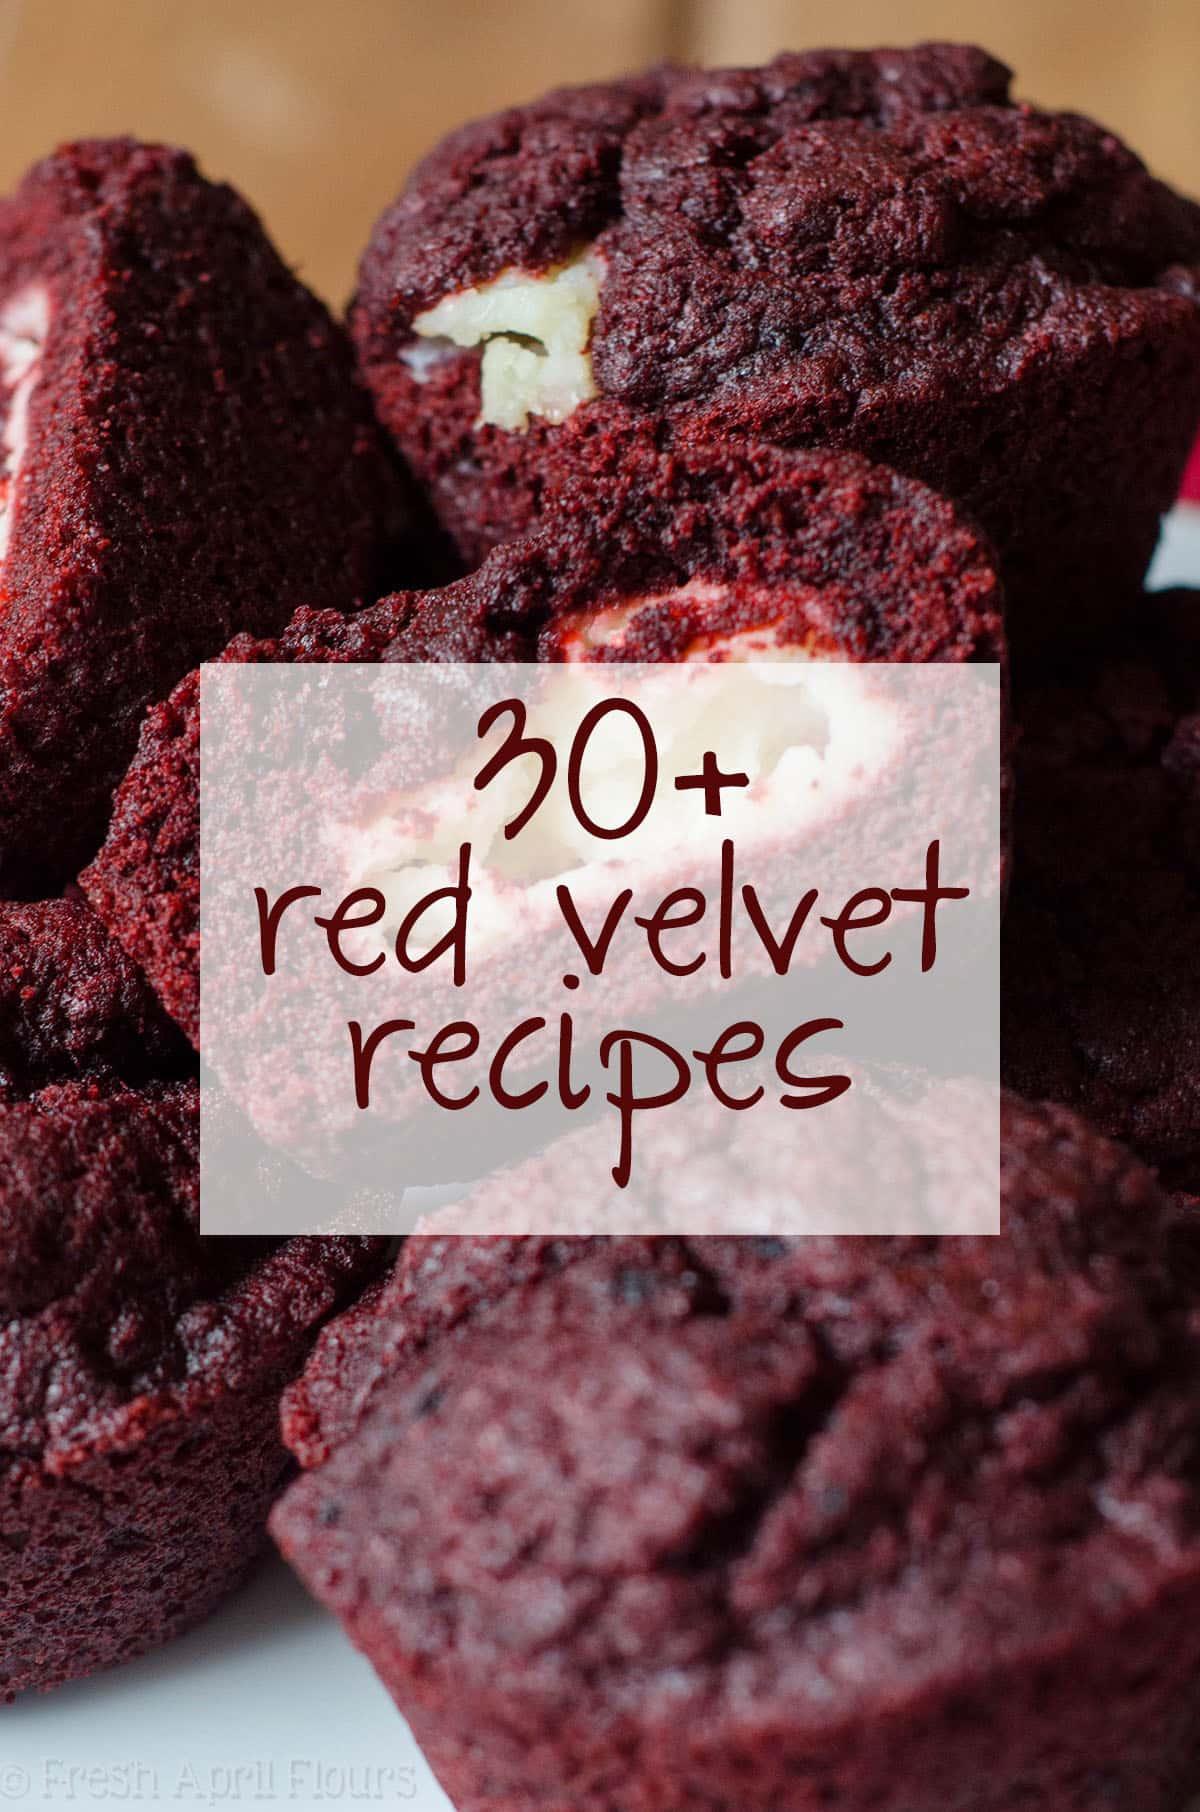 30+ Red Velvet Recipes